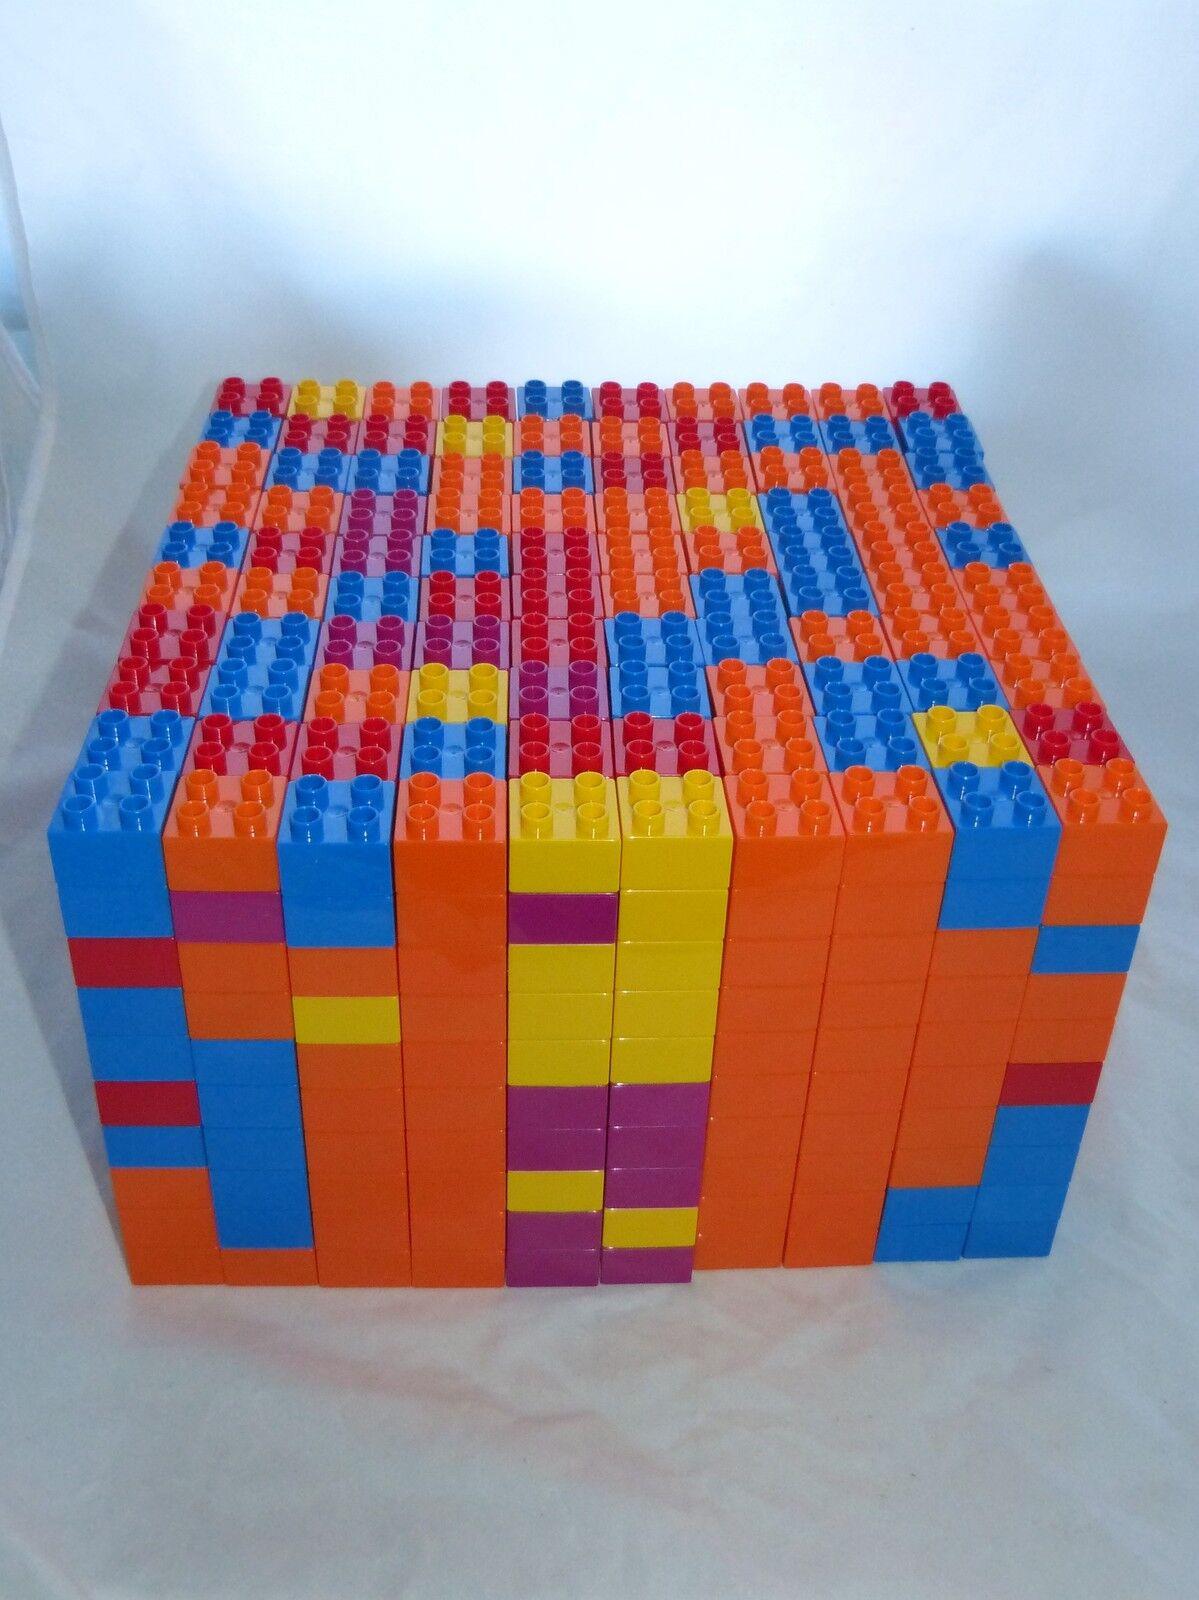 1000 blocs de construction en plastique (1)